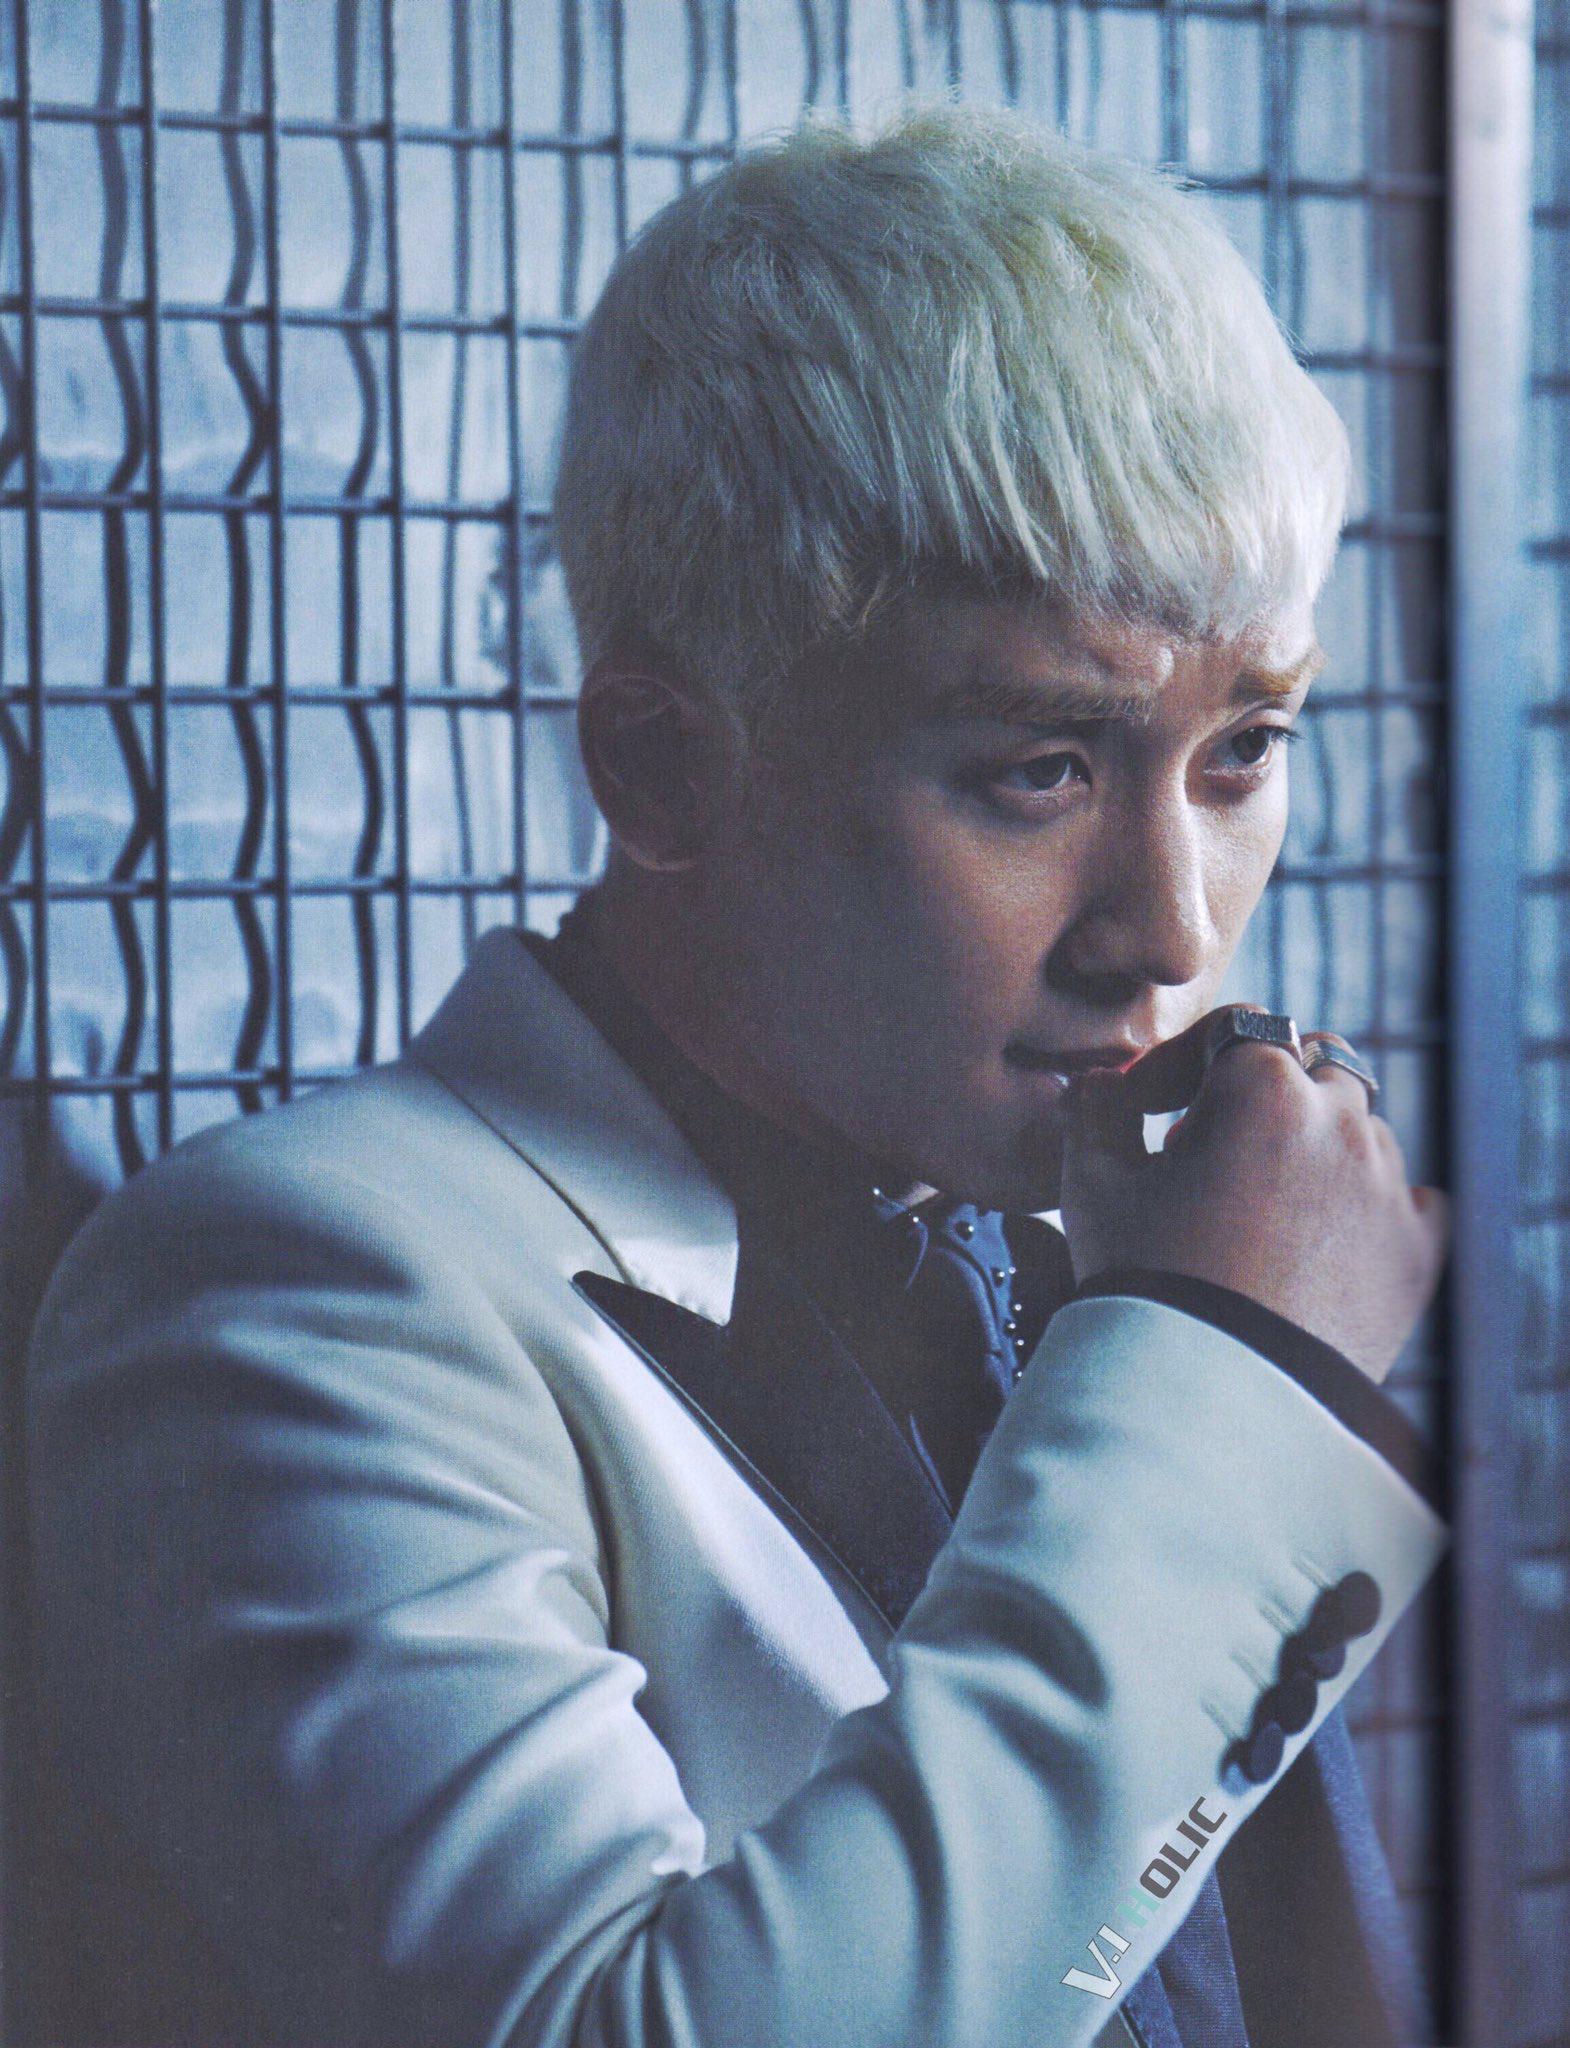 Pin By Mingo On Ã'¹ãƒ³ãƒª Seungri Vi Seungri Bigbang Daesung